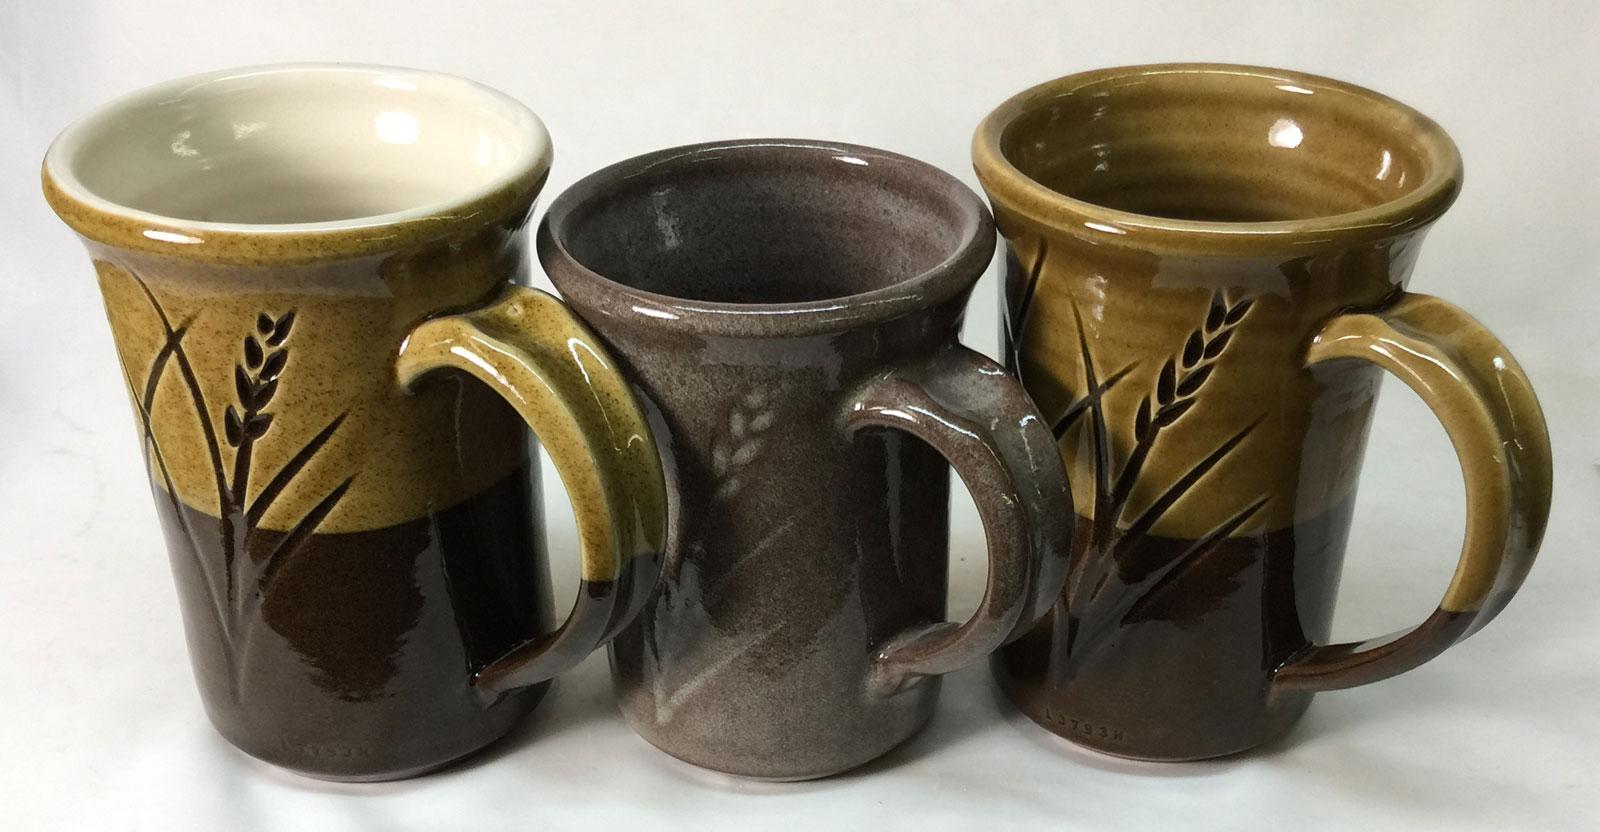 Transparent glazes often work poorly on dark stoneware bodies